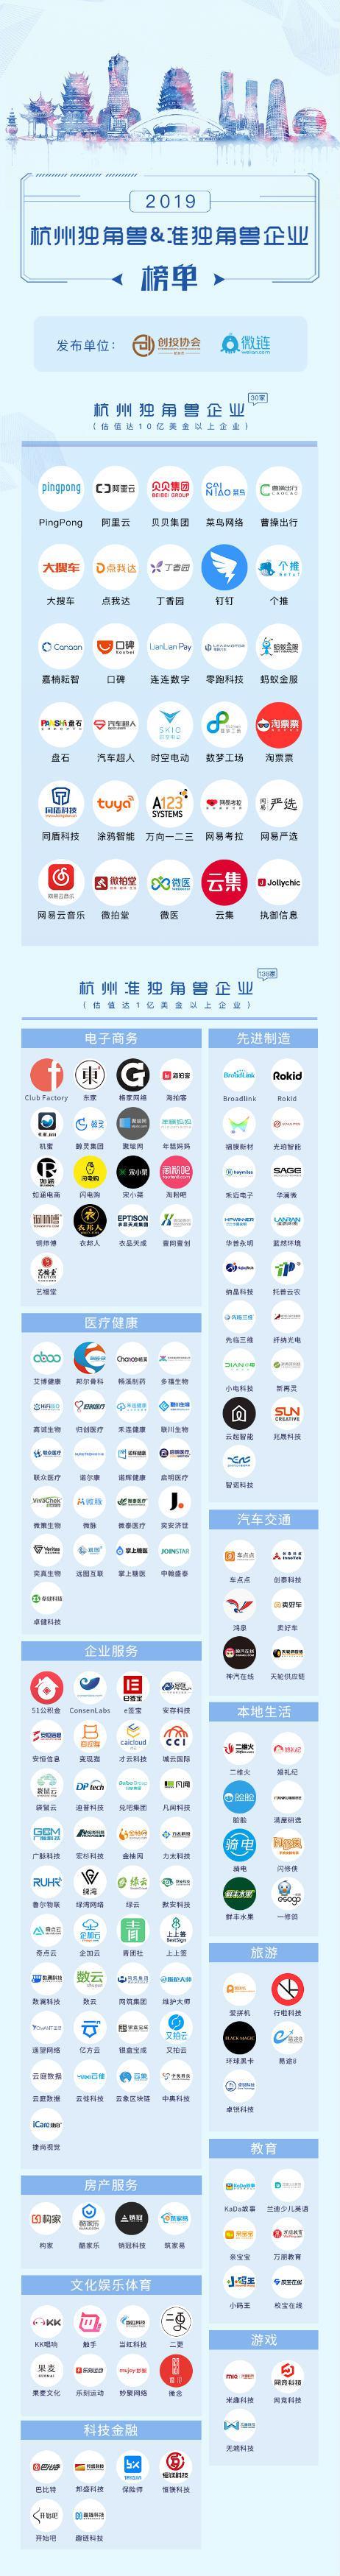 杭州发布独角兽准独角兽企业榜单